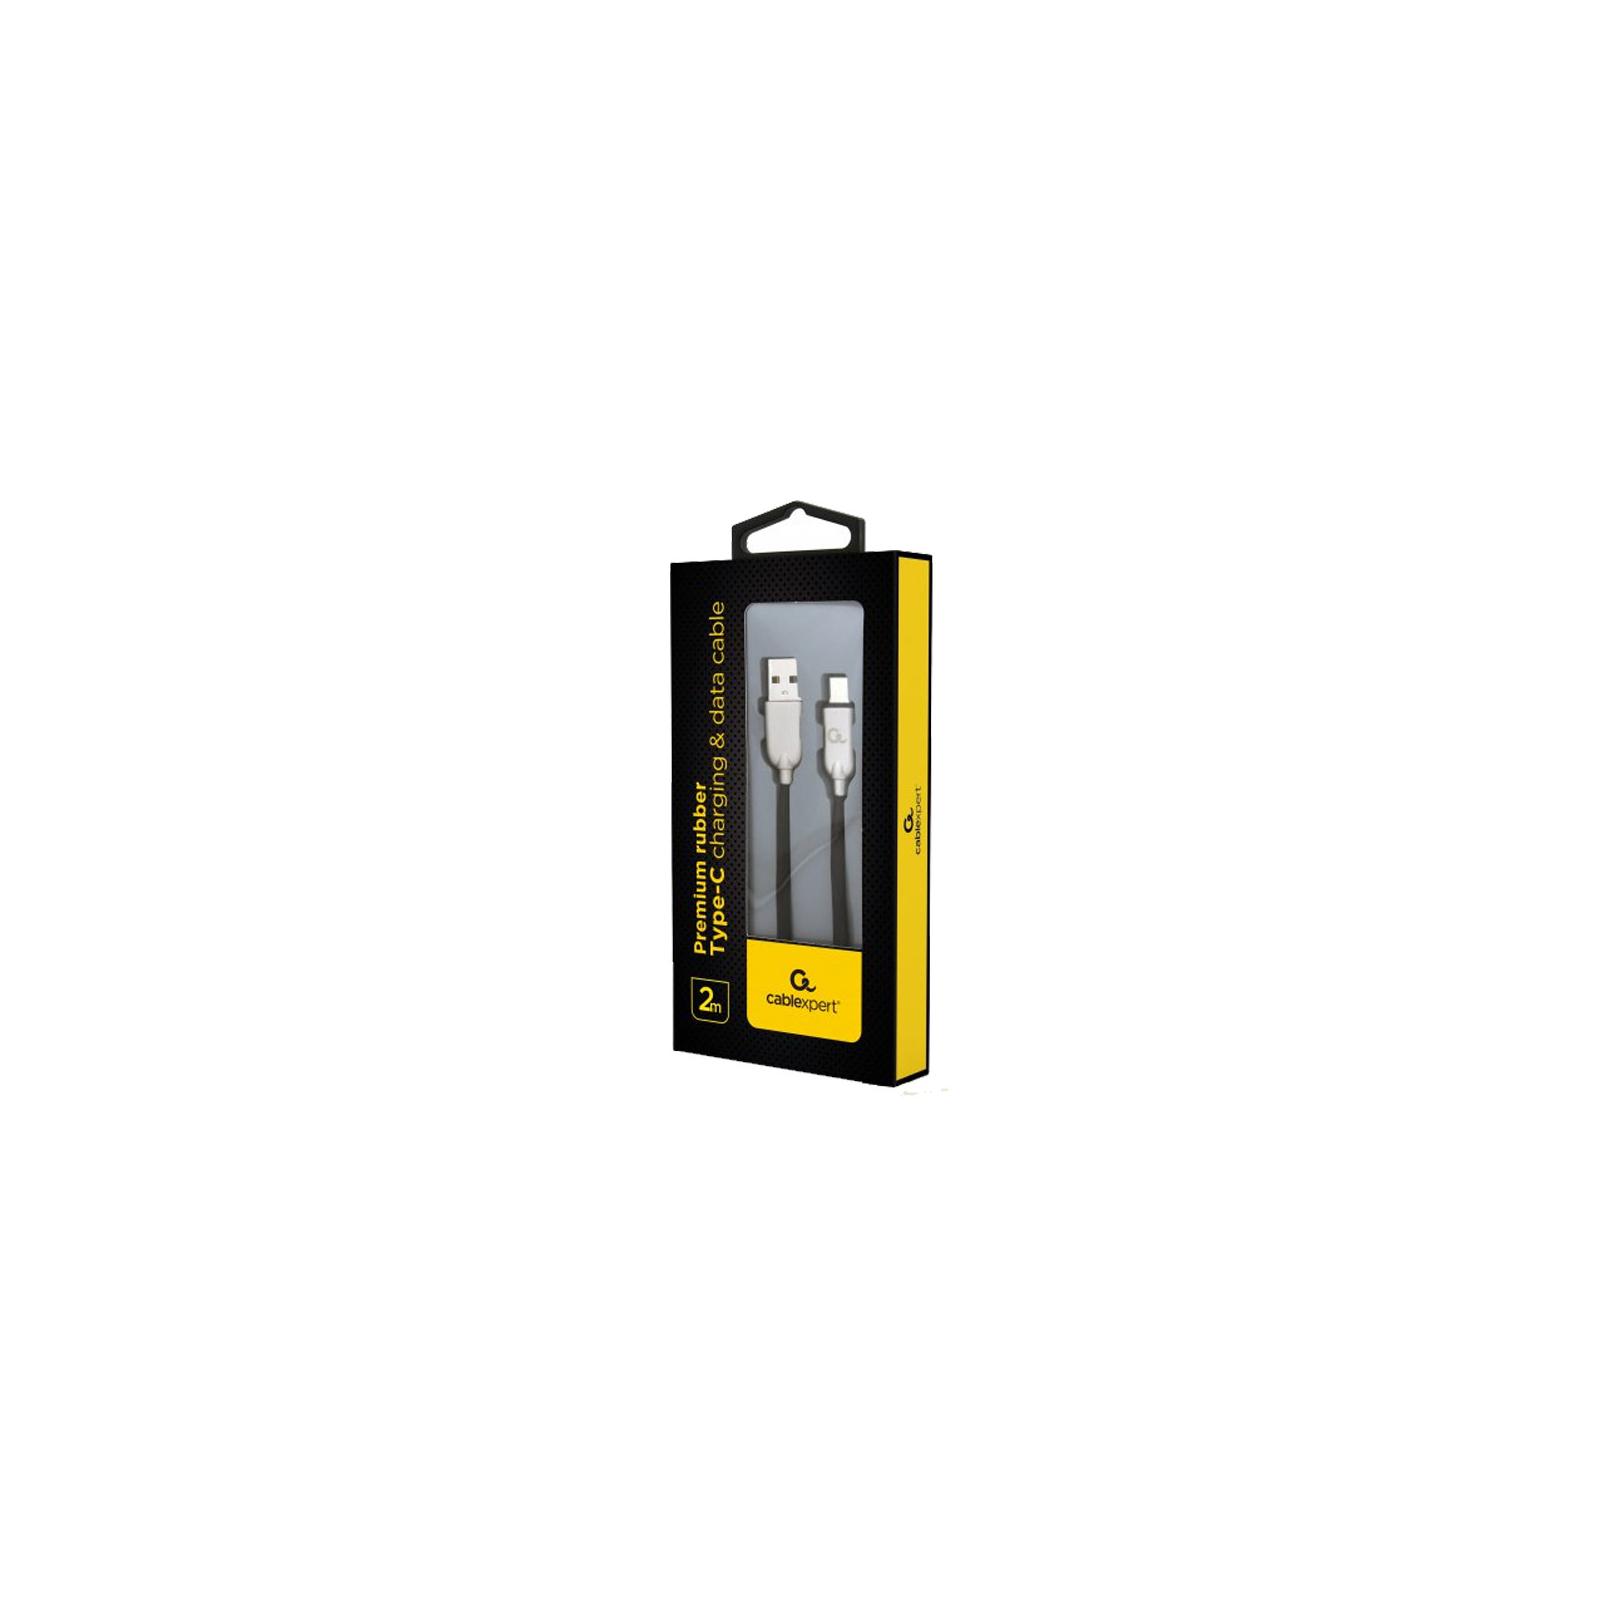 Дата кабель USB 2.0 AM to Type-C 2.0m Cablexpert (CC-USB2R-AMCM-2M-W) изображение 2